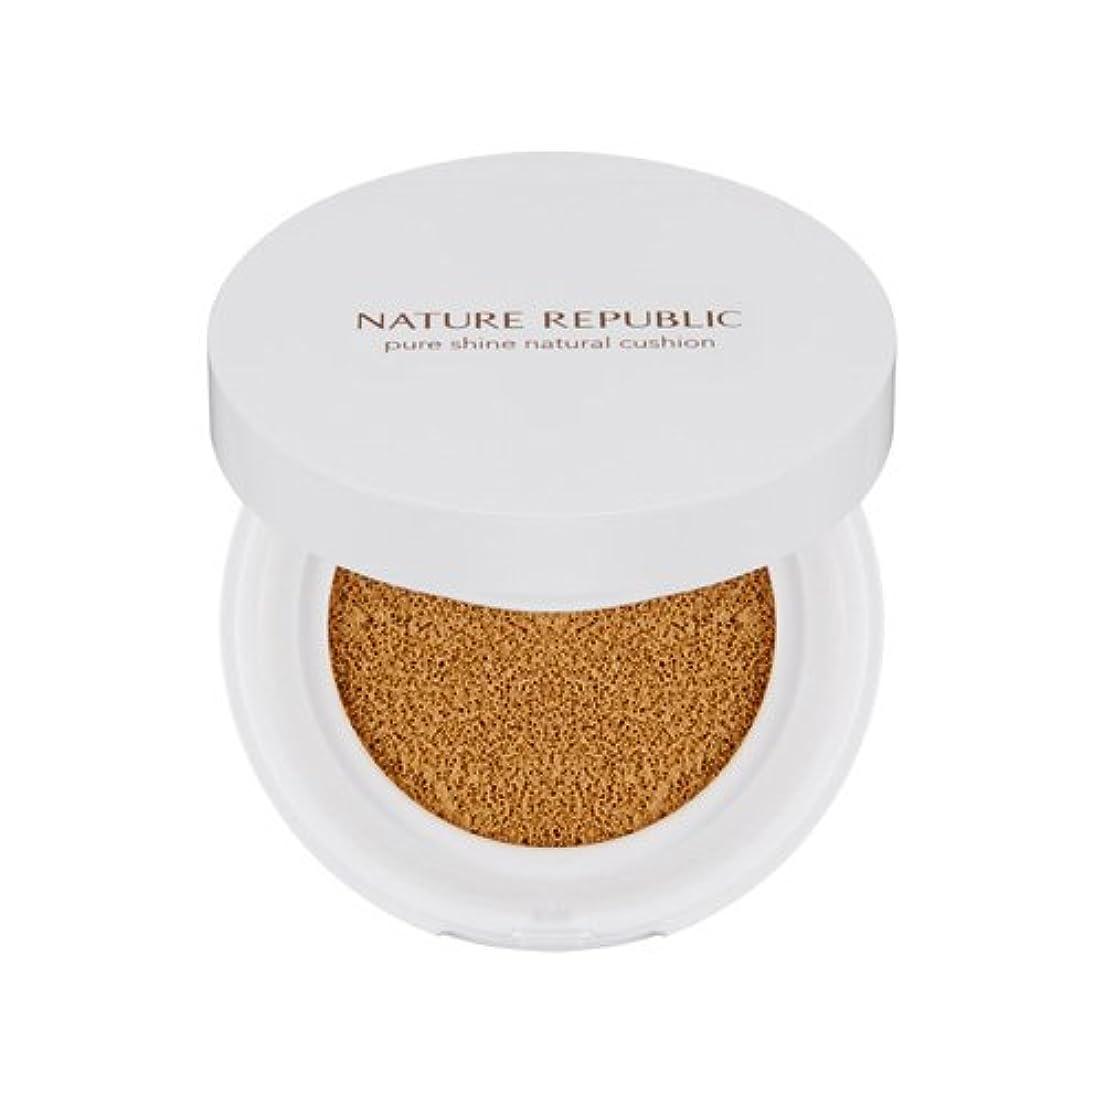 ポップごめんなさいケニアNATURE REPUBLIC Pure Shine Natural Cushion #02 Natural Beige SPF50 + PA +++ ネイチャーリパブリック ピュアシャインナチュラルクッション #02ナチュラルベージュSPF50+ PA+++ [並行輸入品]